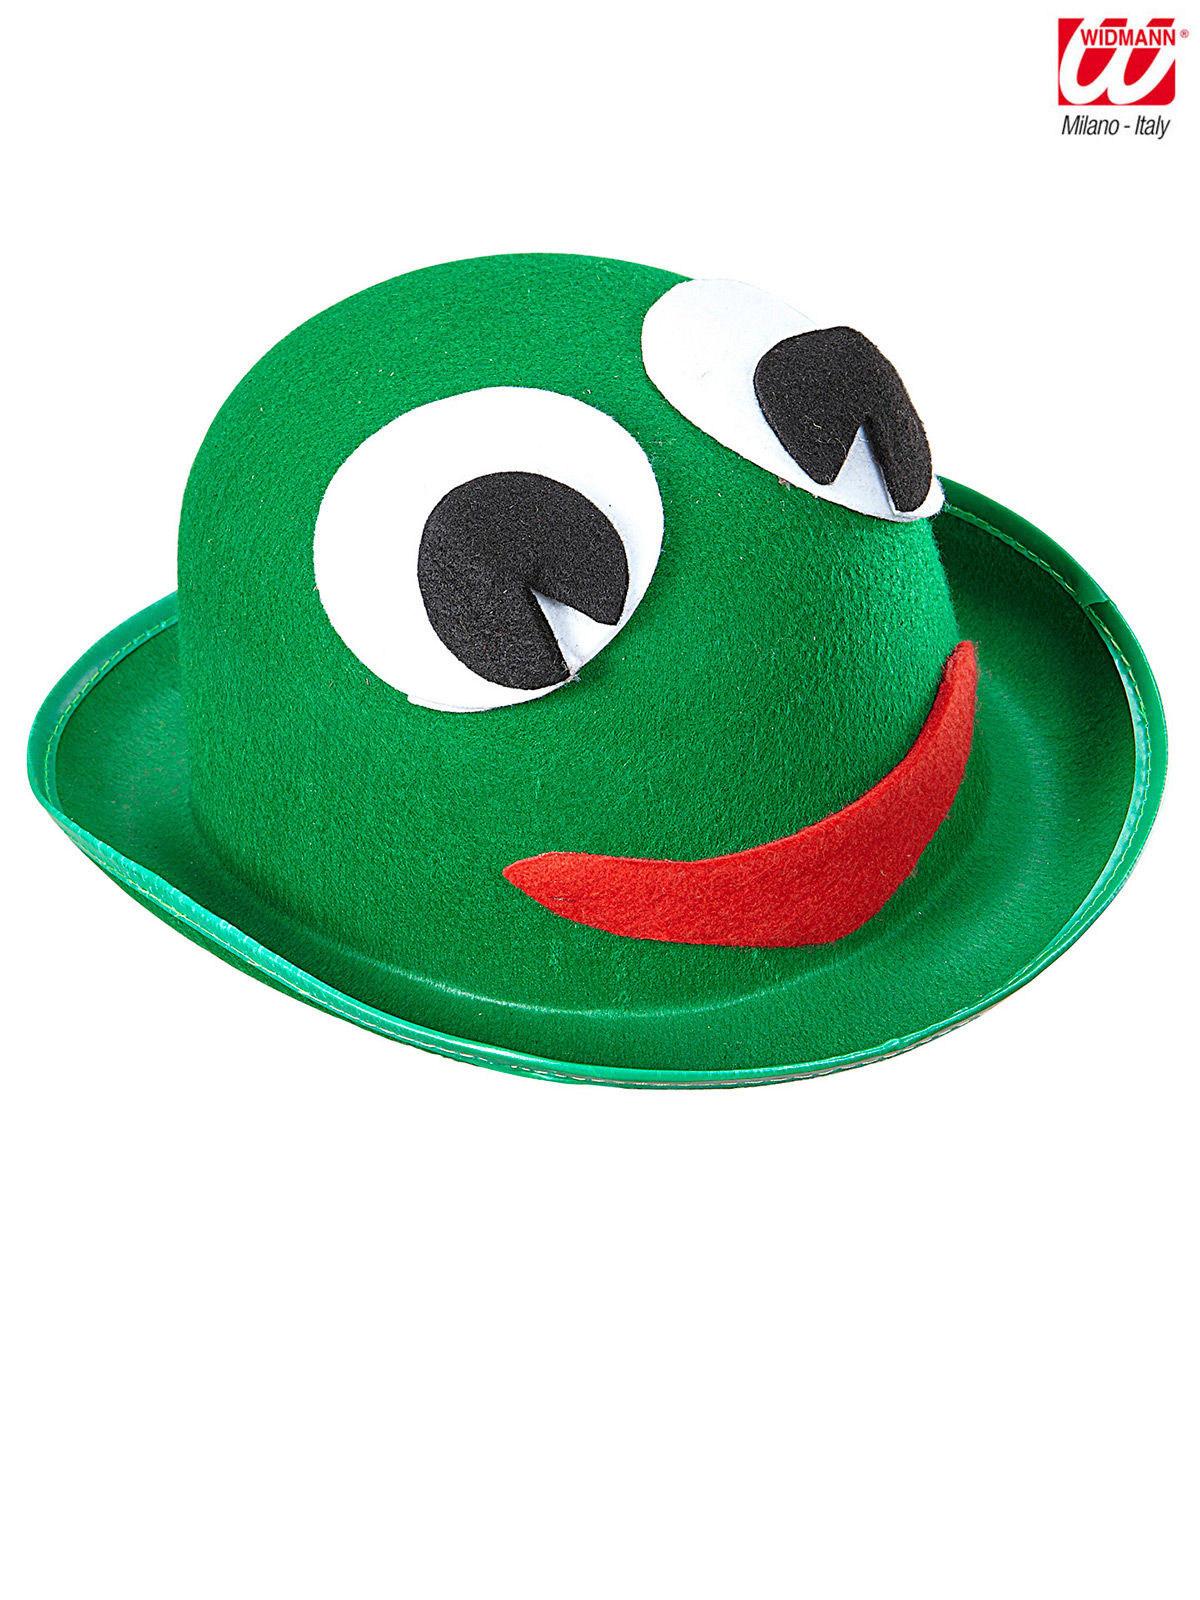 Frosch Melone Karneval Hut Grun Gunstige Faschings Accessoires